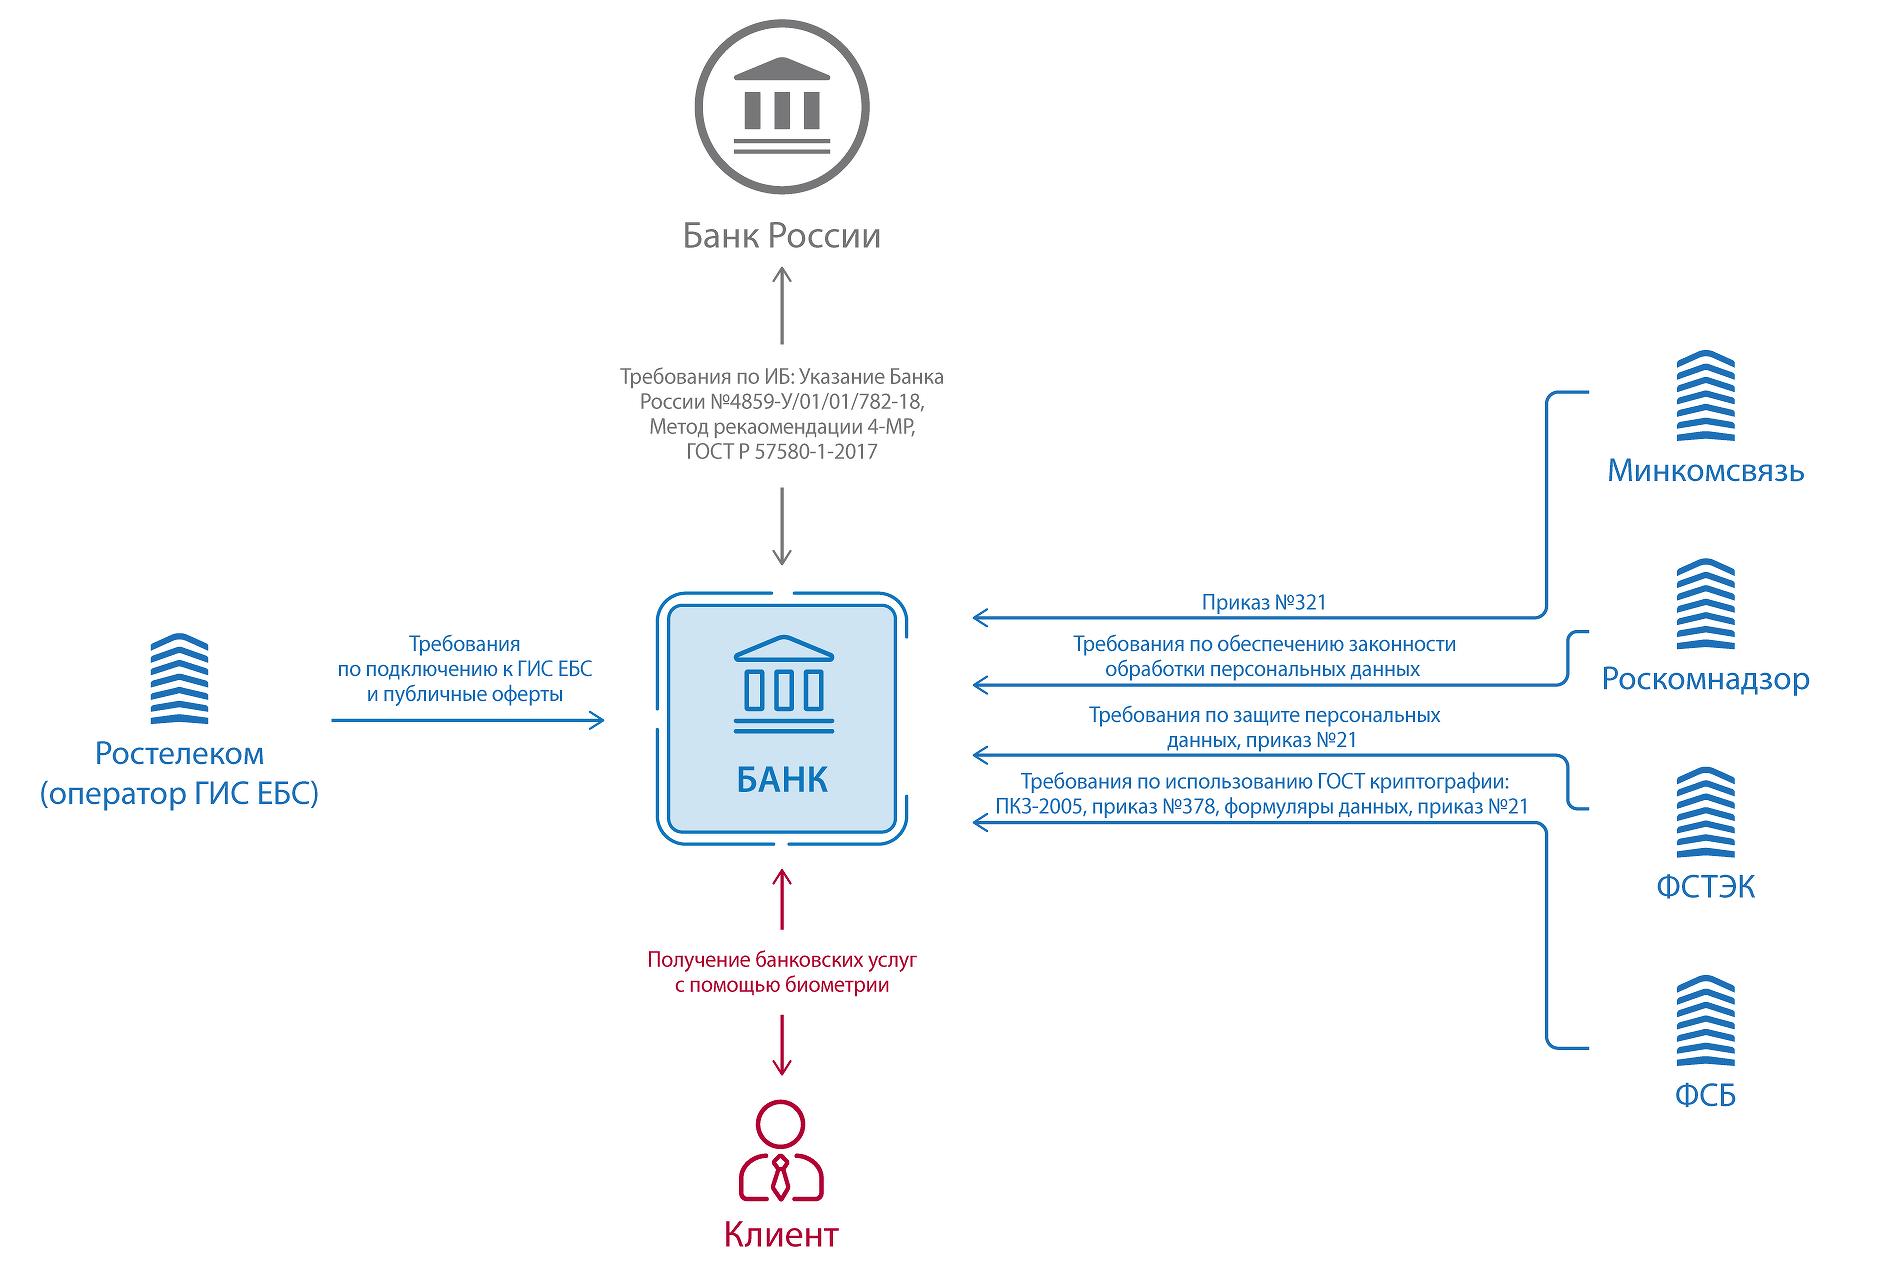 Схема: регуляторы для банка по вопросу ЕБС